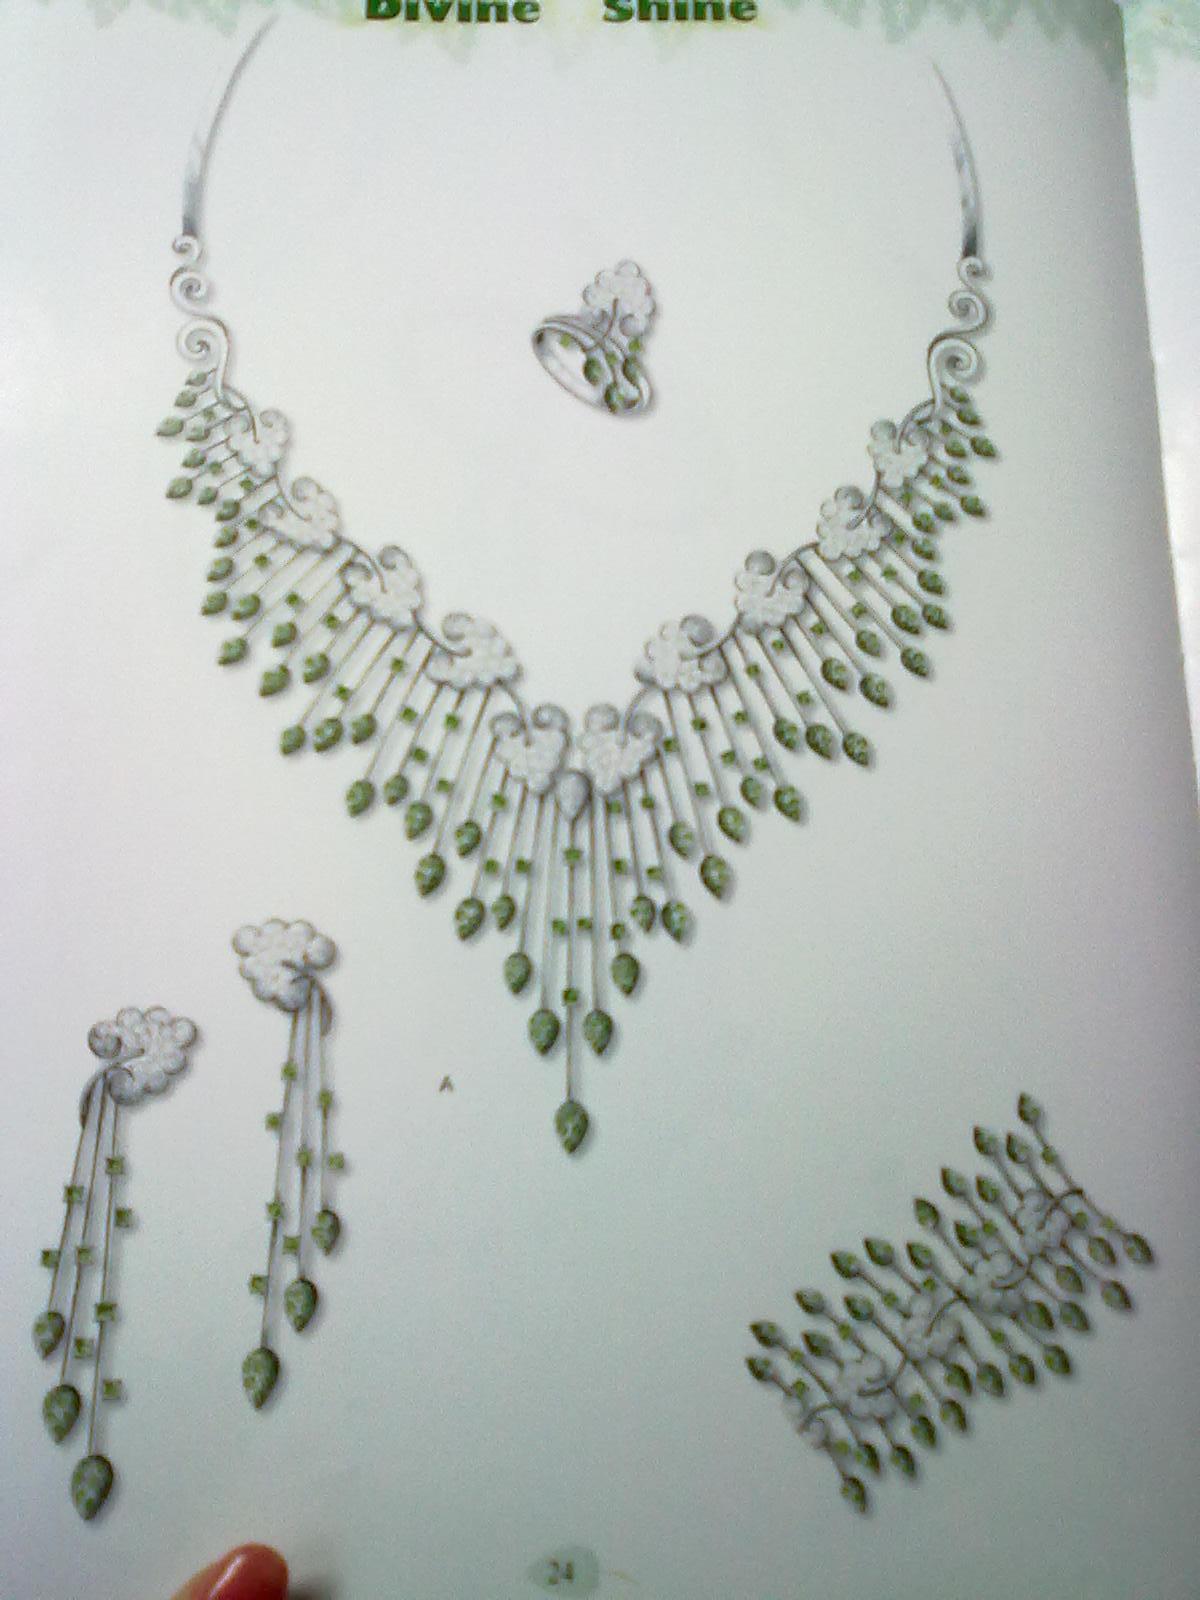 国外手绘设计作品----拍的有点模糊_曾建华的珠宝设计